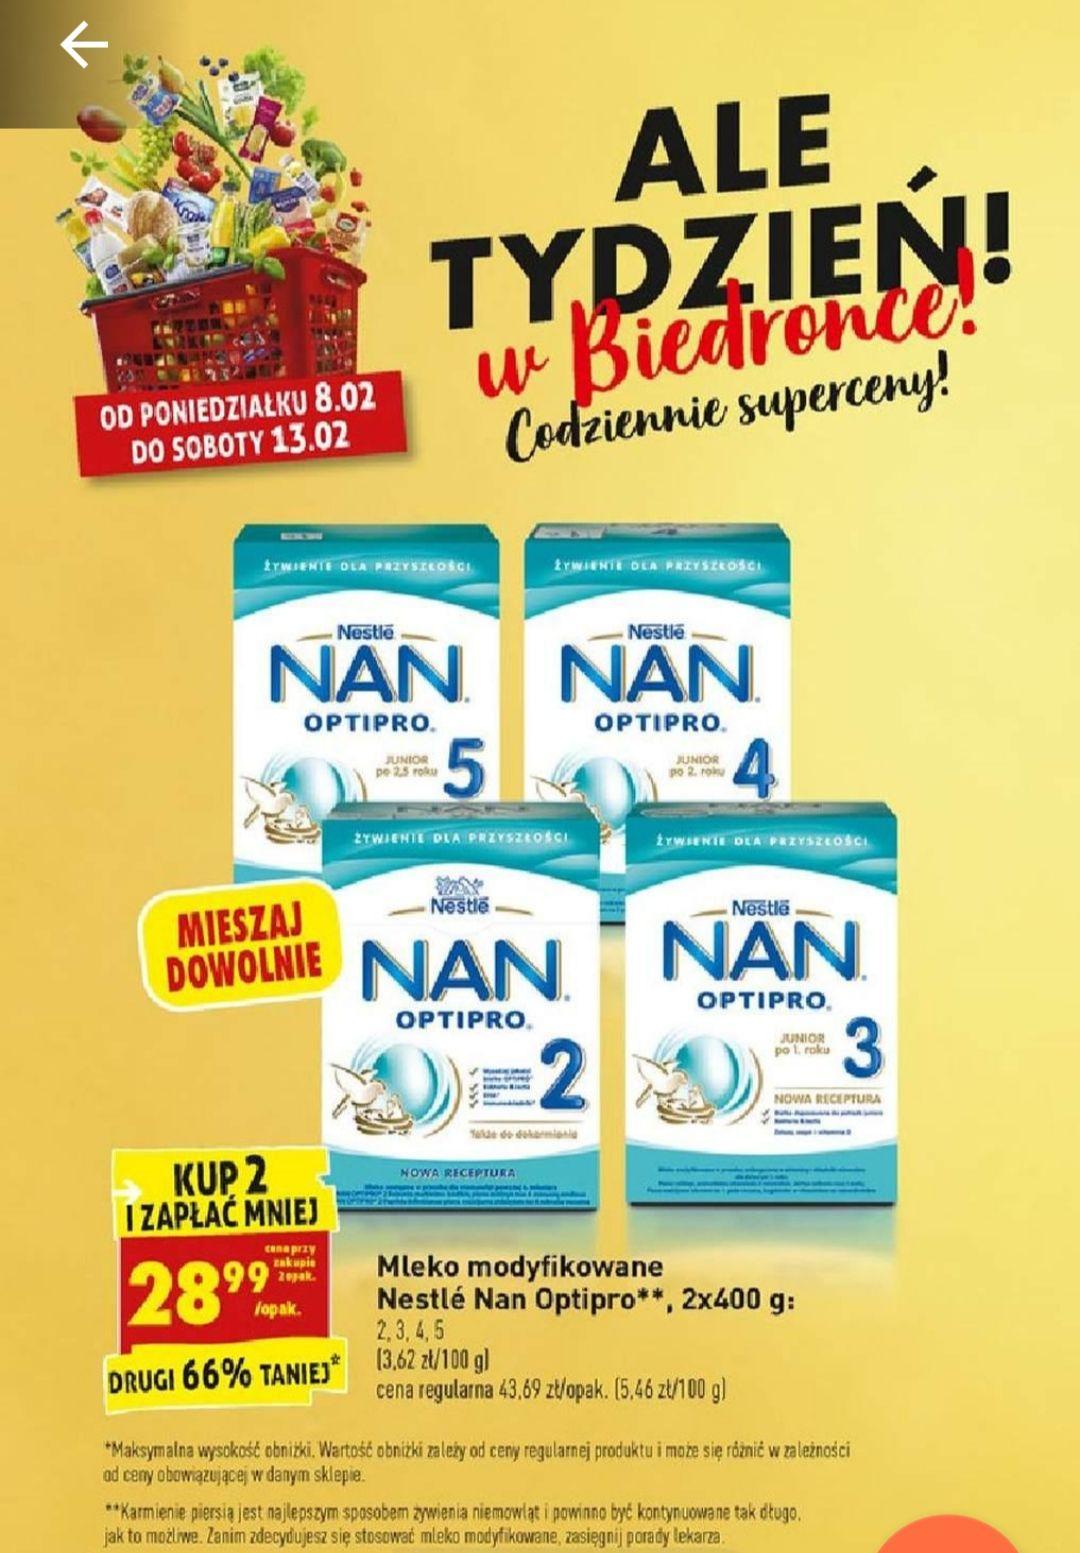 Mleko modyfikowane Nestle Nan Optipro 2x400g przy zakupie 2 op. Biedronka